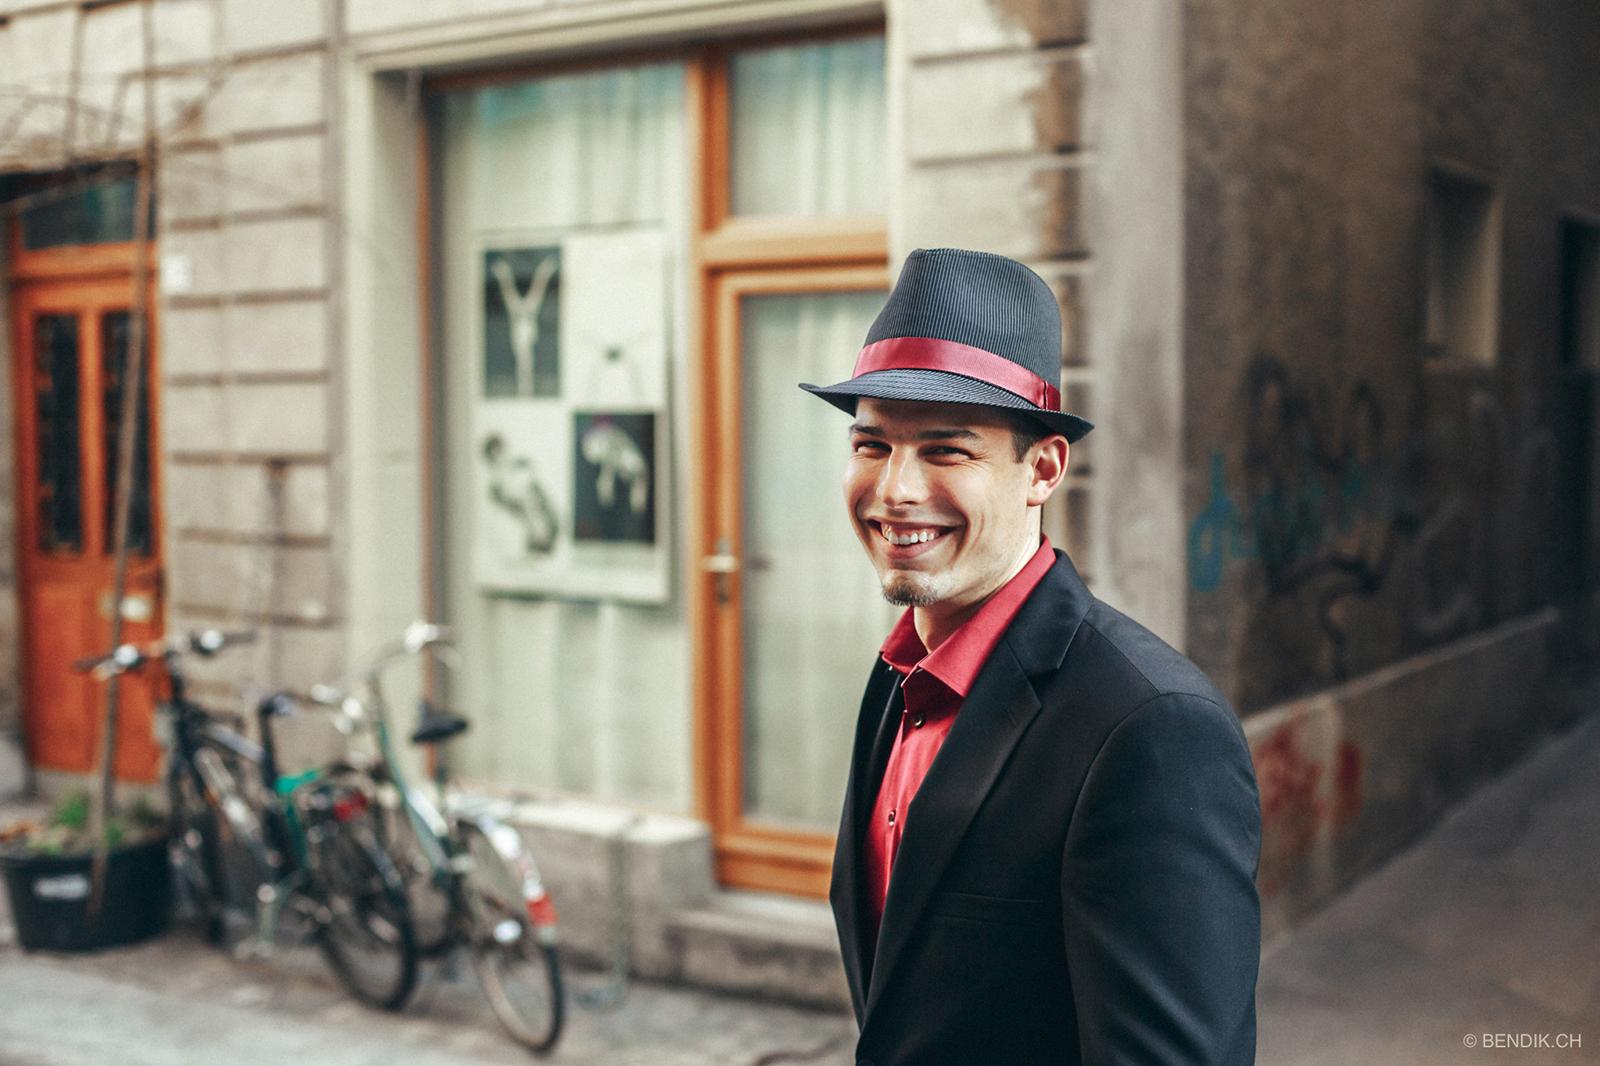 Trauzeuge mit schwarz-rotem Hut und Anzug schaut lachend in die Kamera